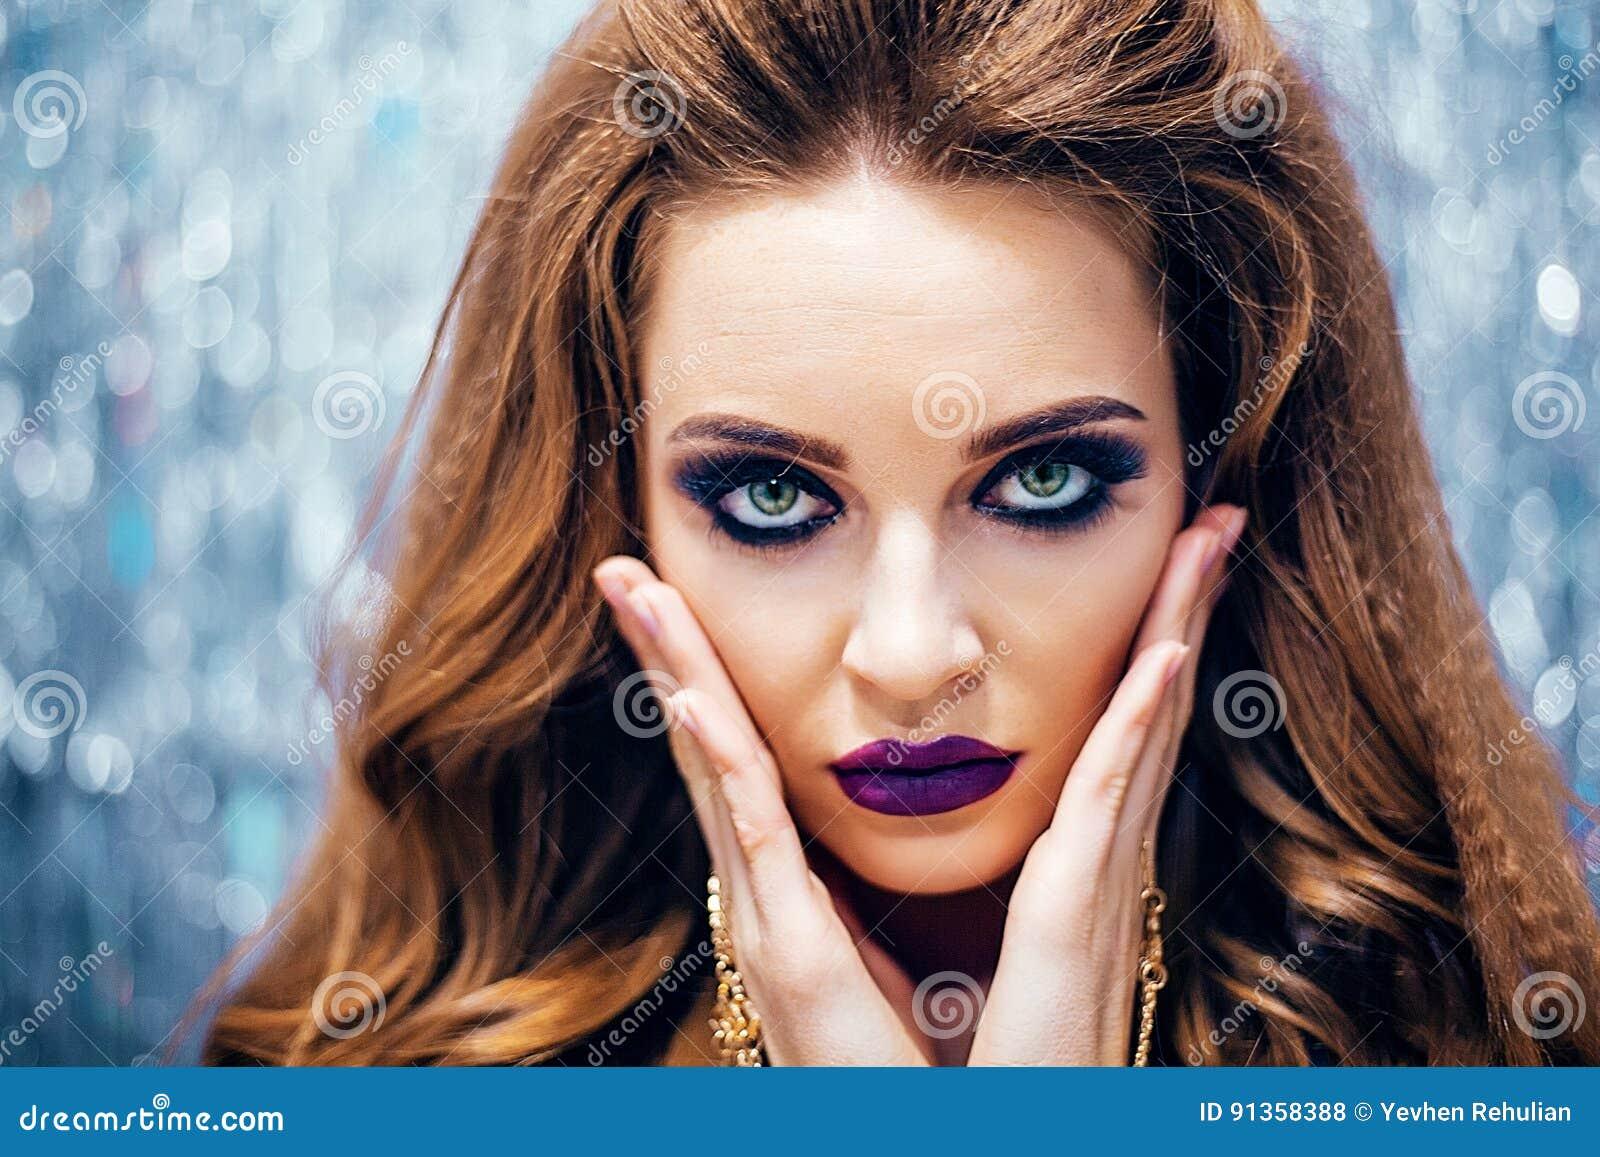 Fashion glamour model girl in lingerie